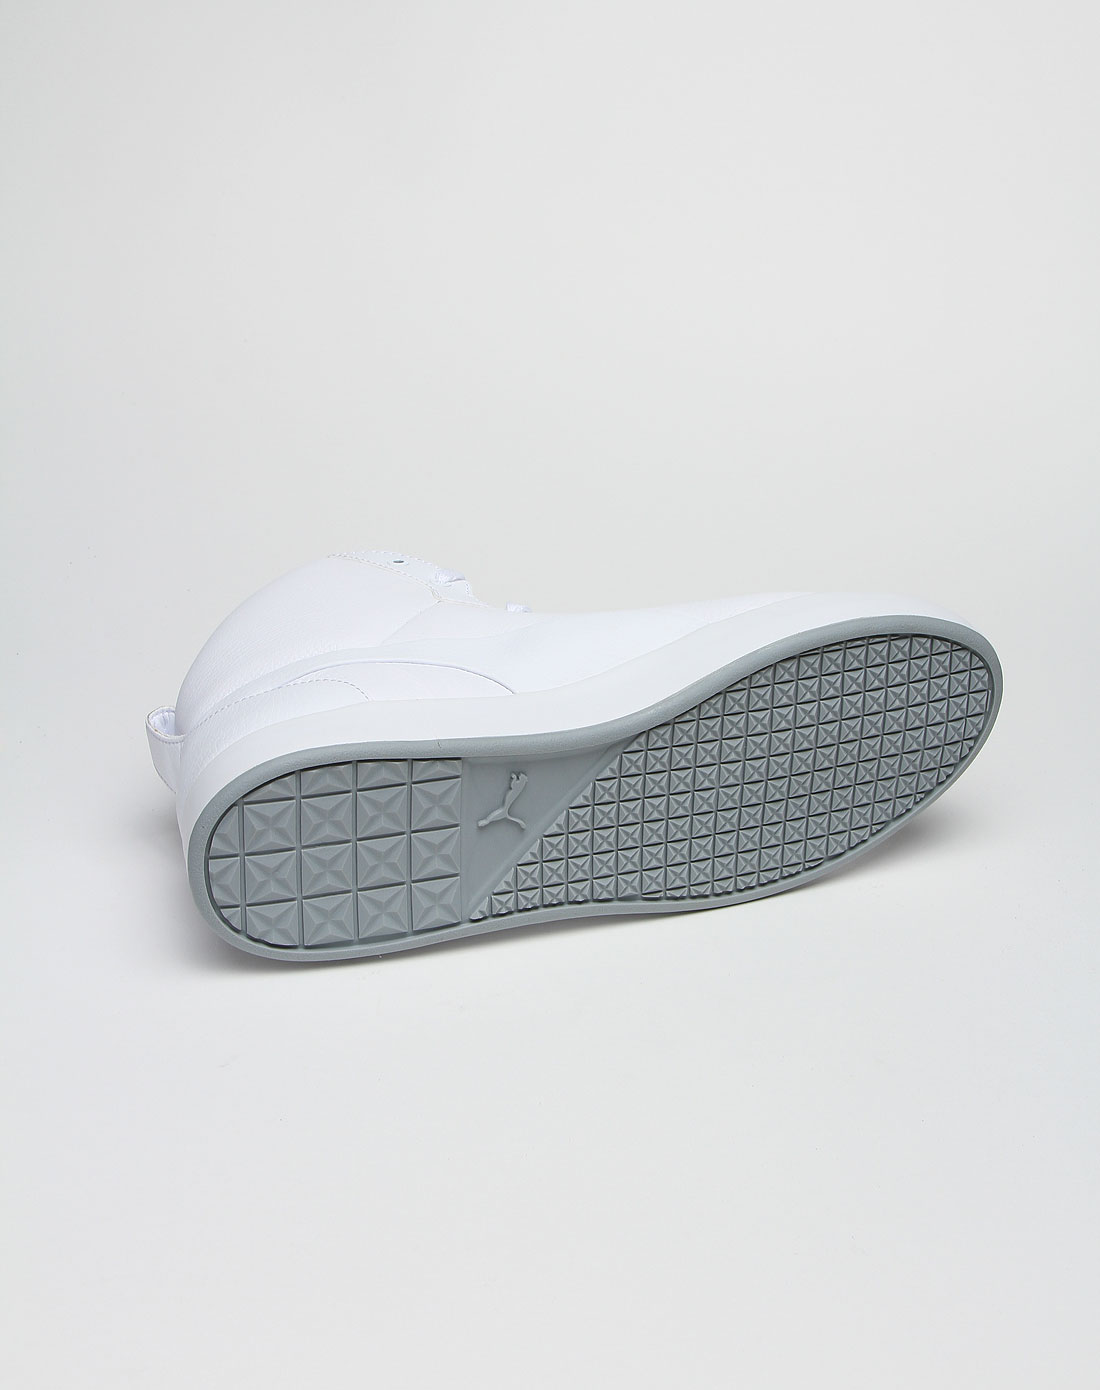 彪马PUMA男款白色简约时尚篮球鞋35370103_唯品会